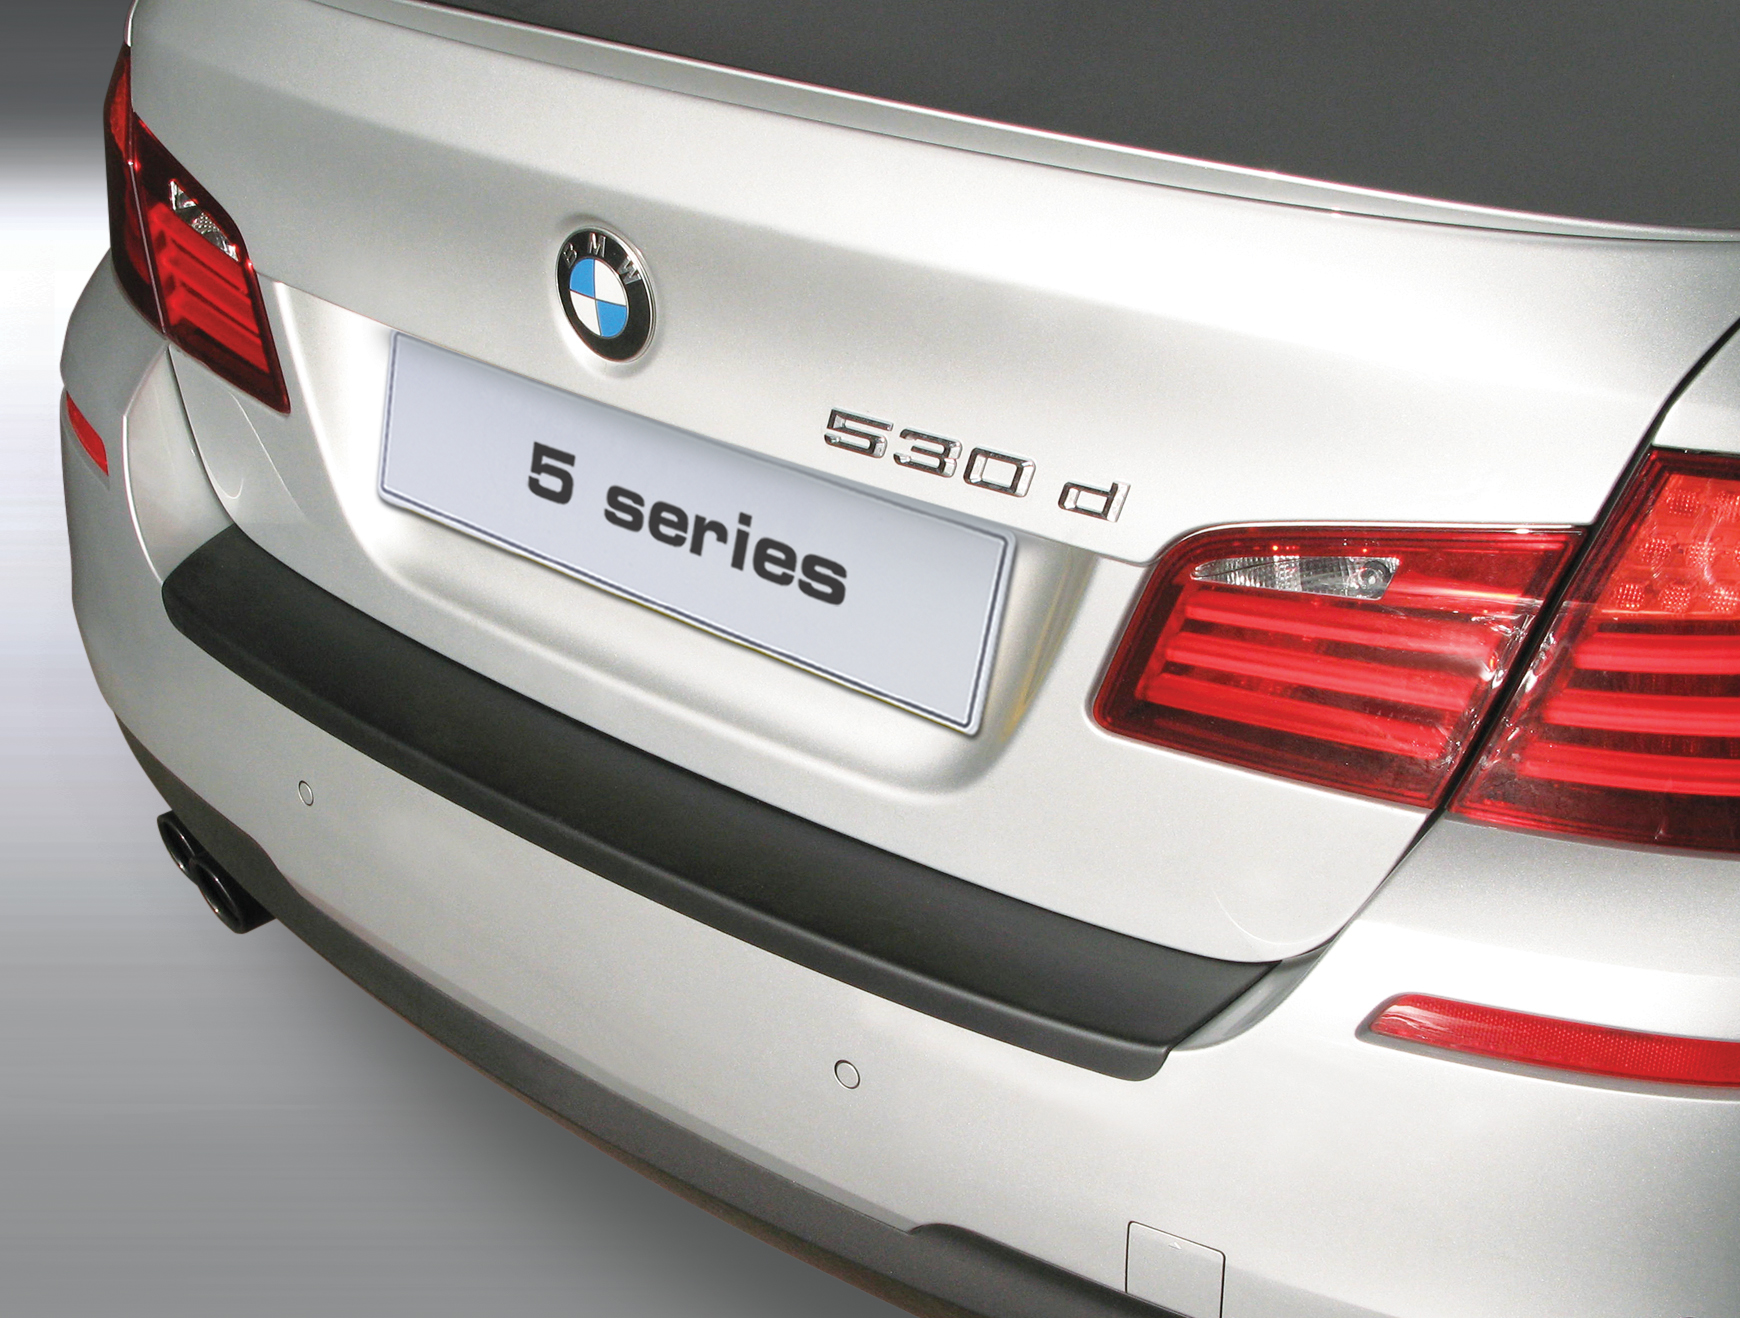 Накладка на задний бампер BMW 5 серии M Sport, 4-дв. седан, кузов F10, 2010-2016